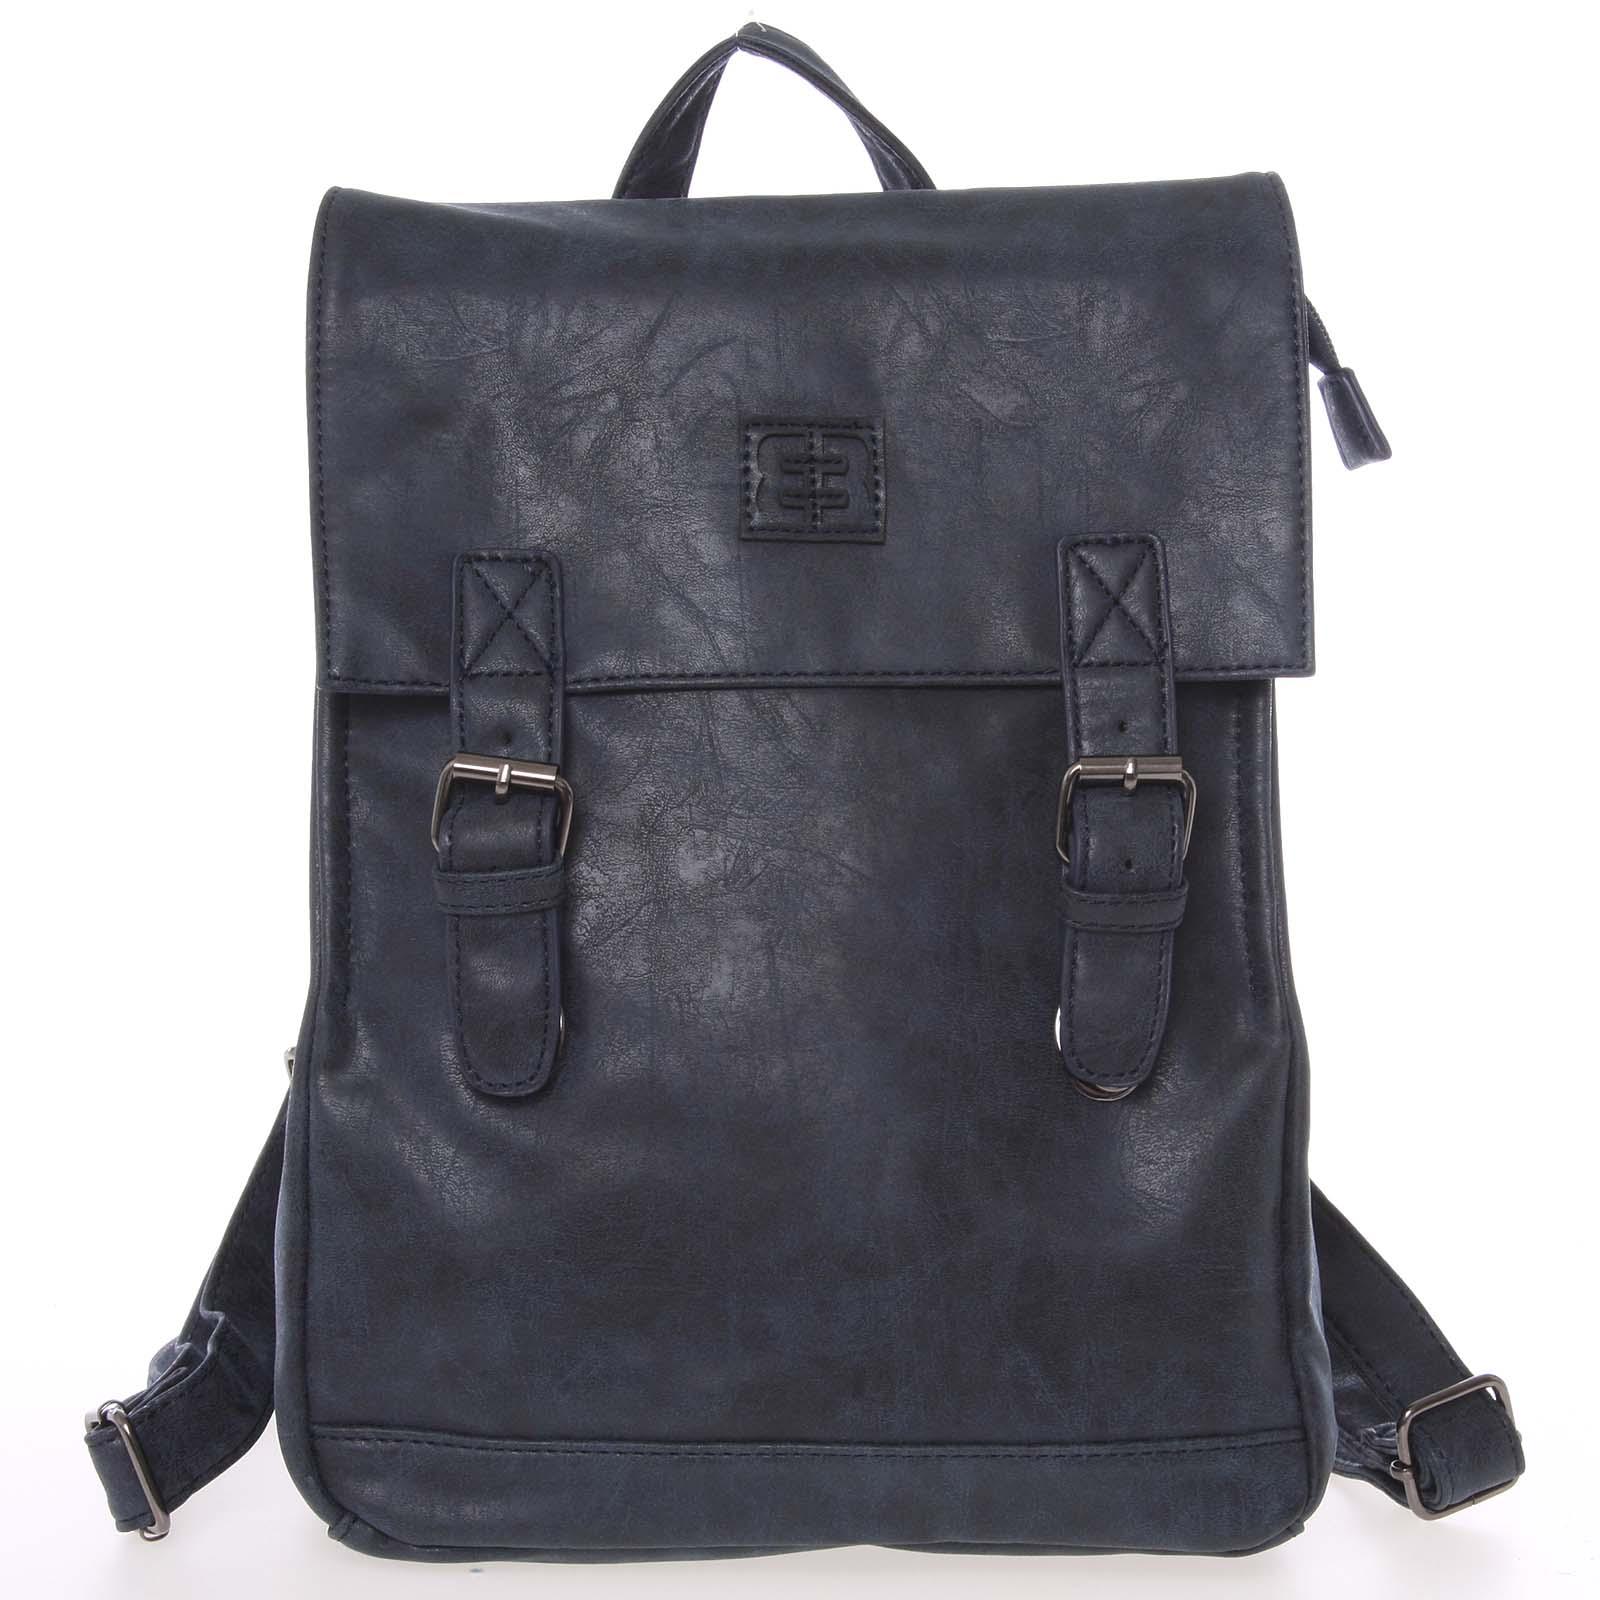 Módní stylový batoh tmavě modrý - Enrico Benetti Travers